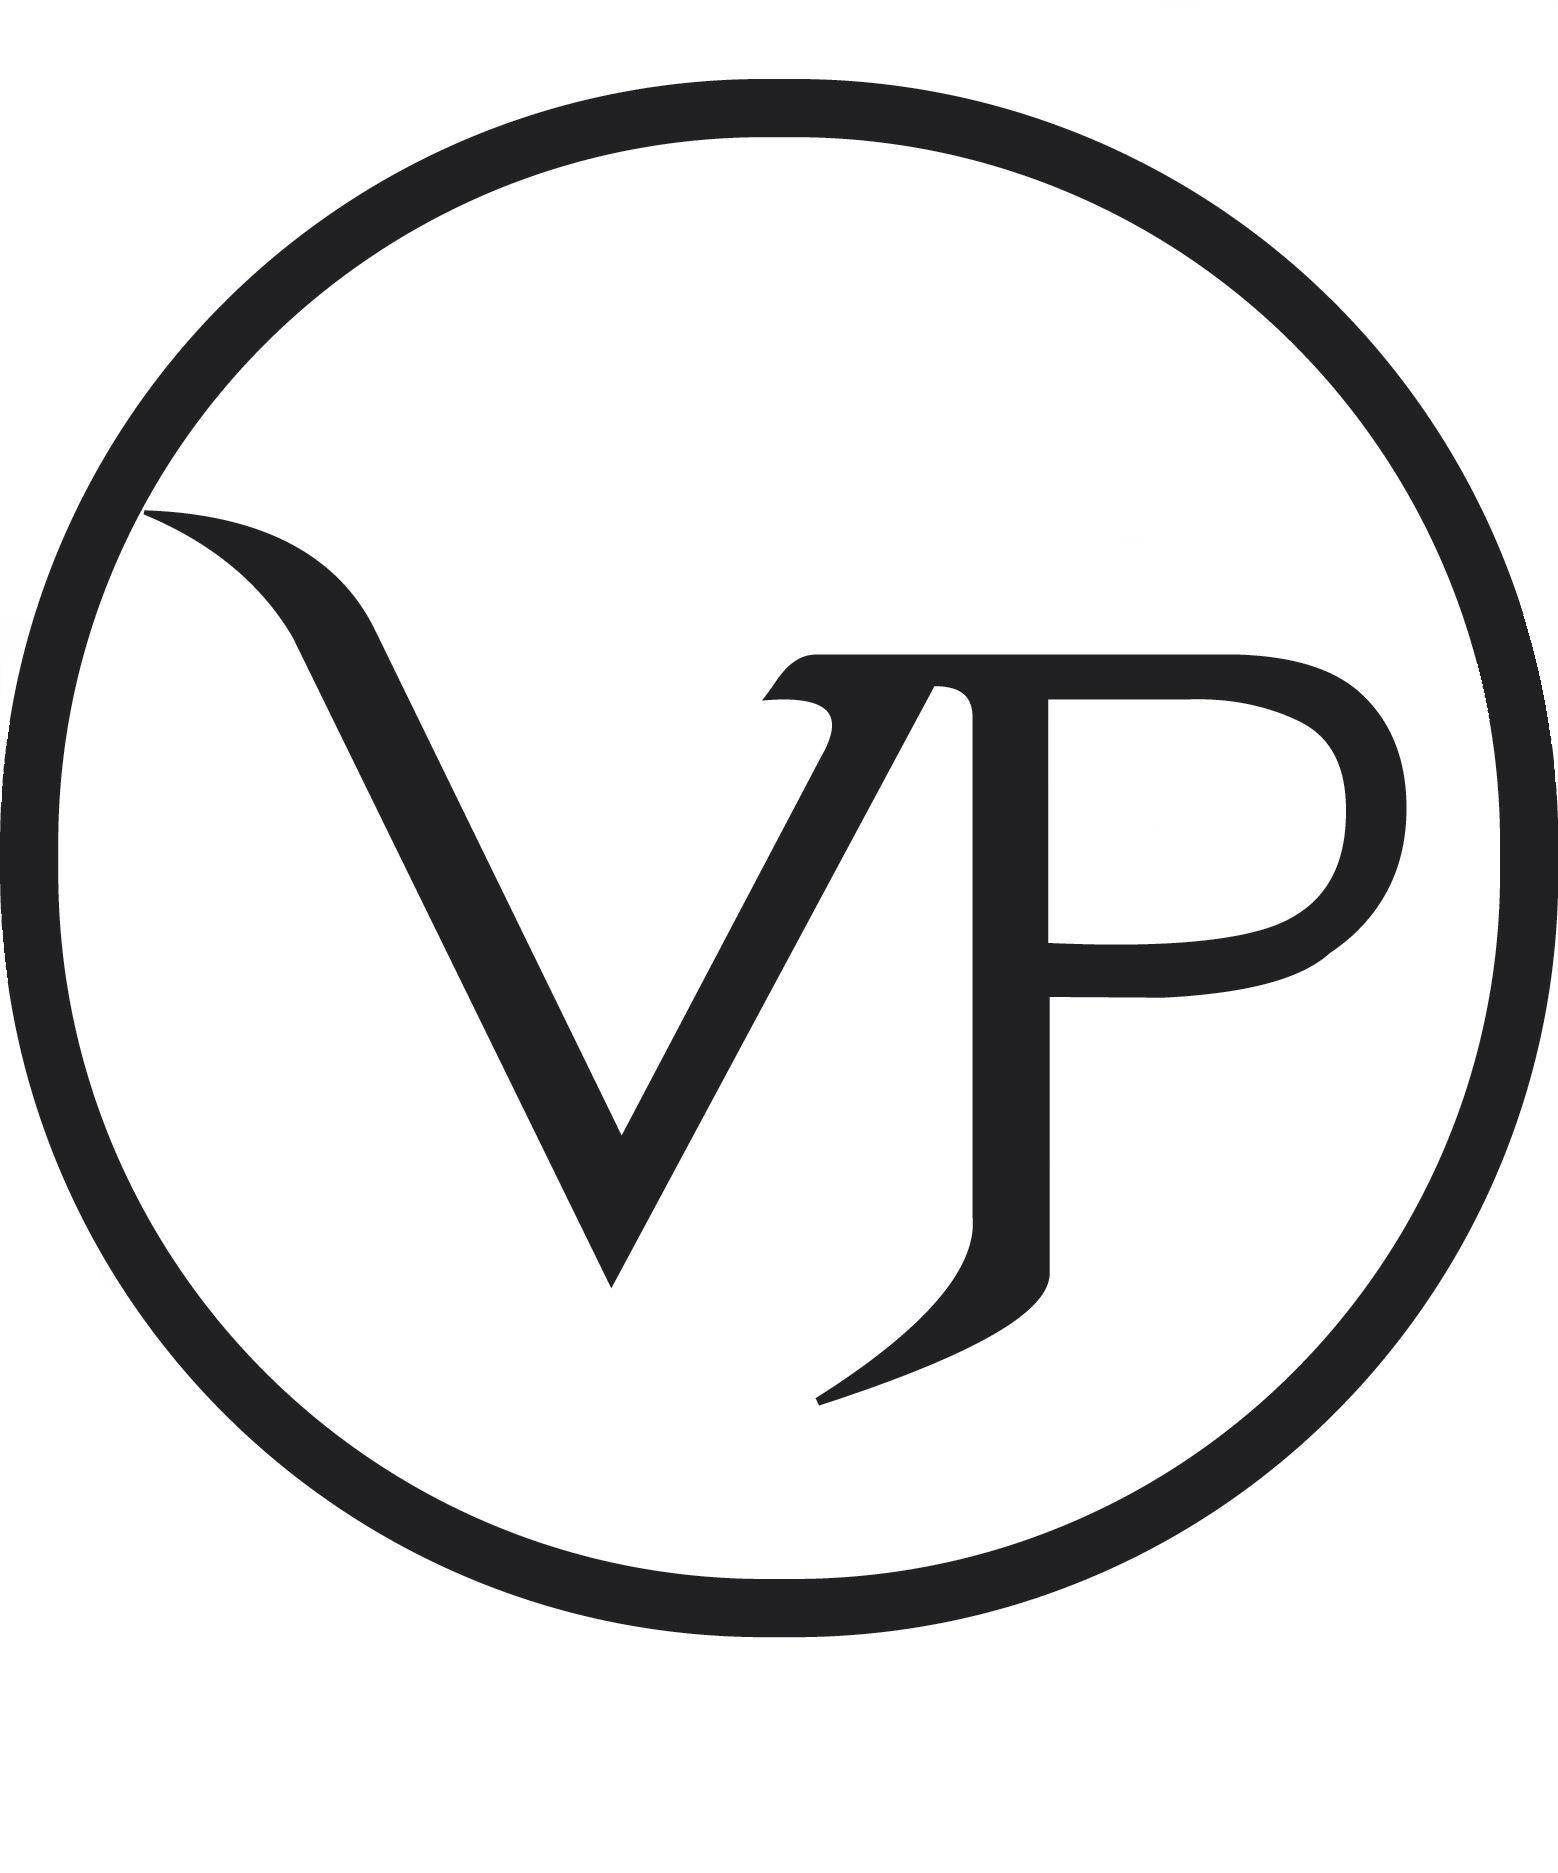 free logo design download